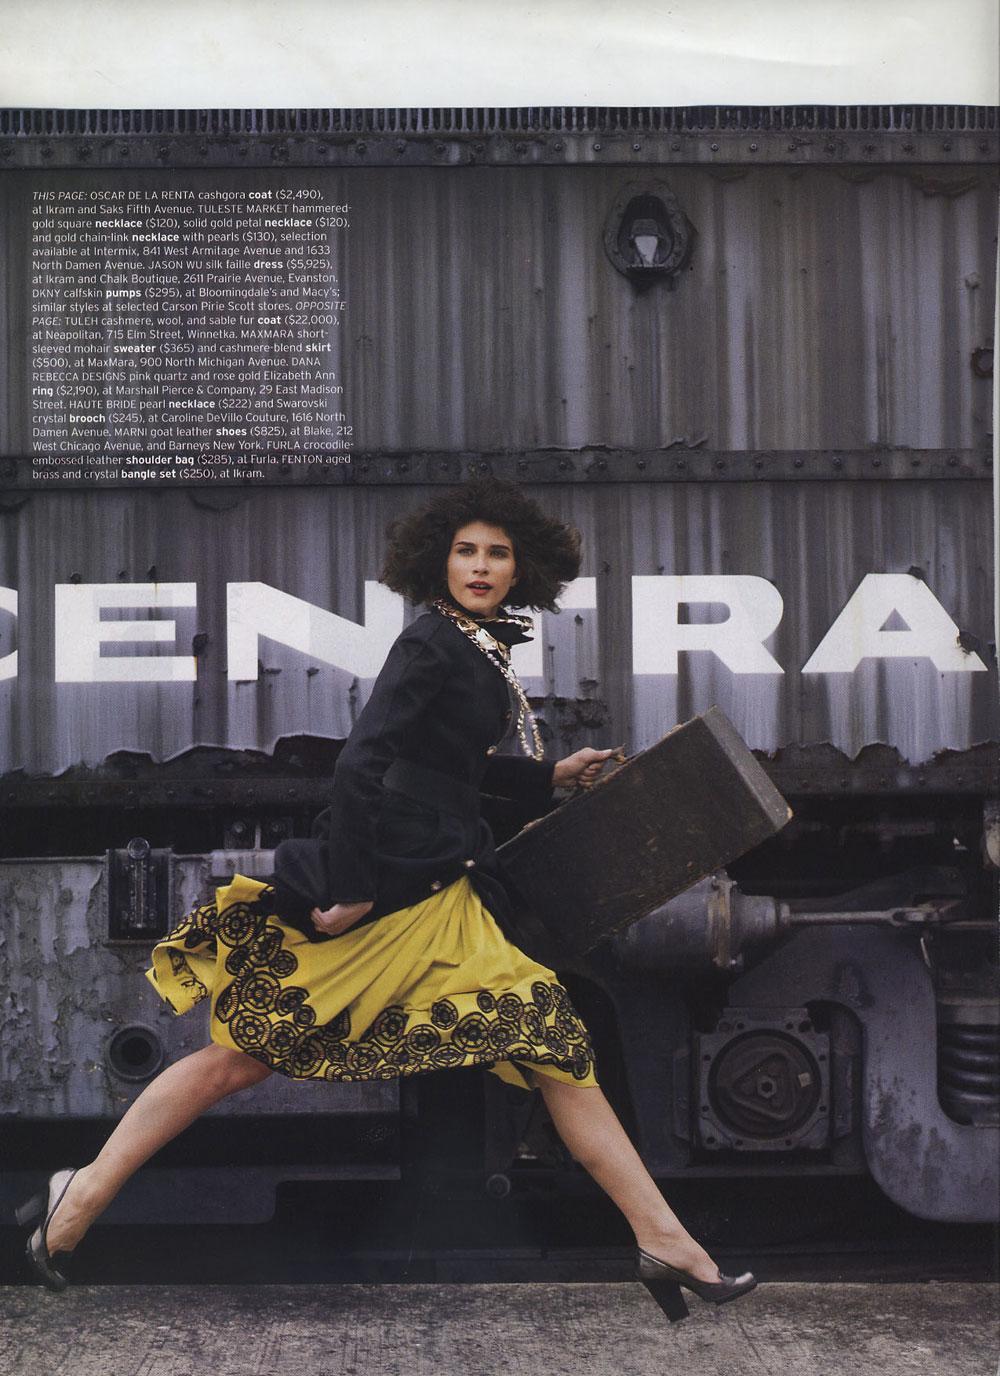 chicago-mag-fall-fashion-2009-pg-1.jpg